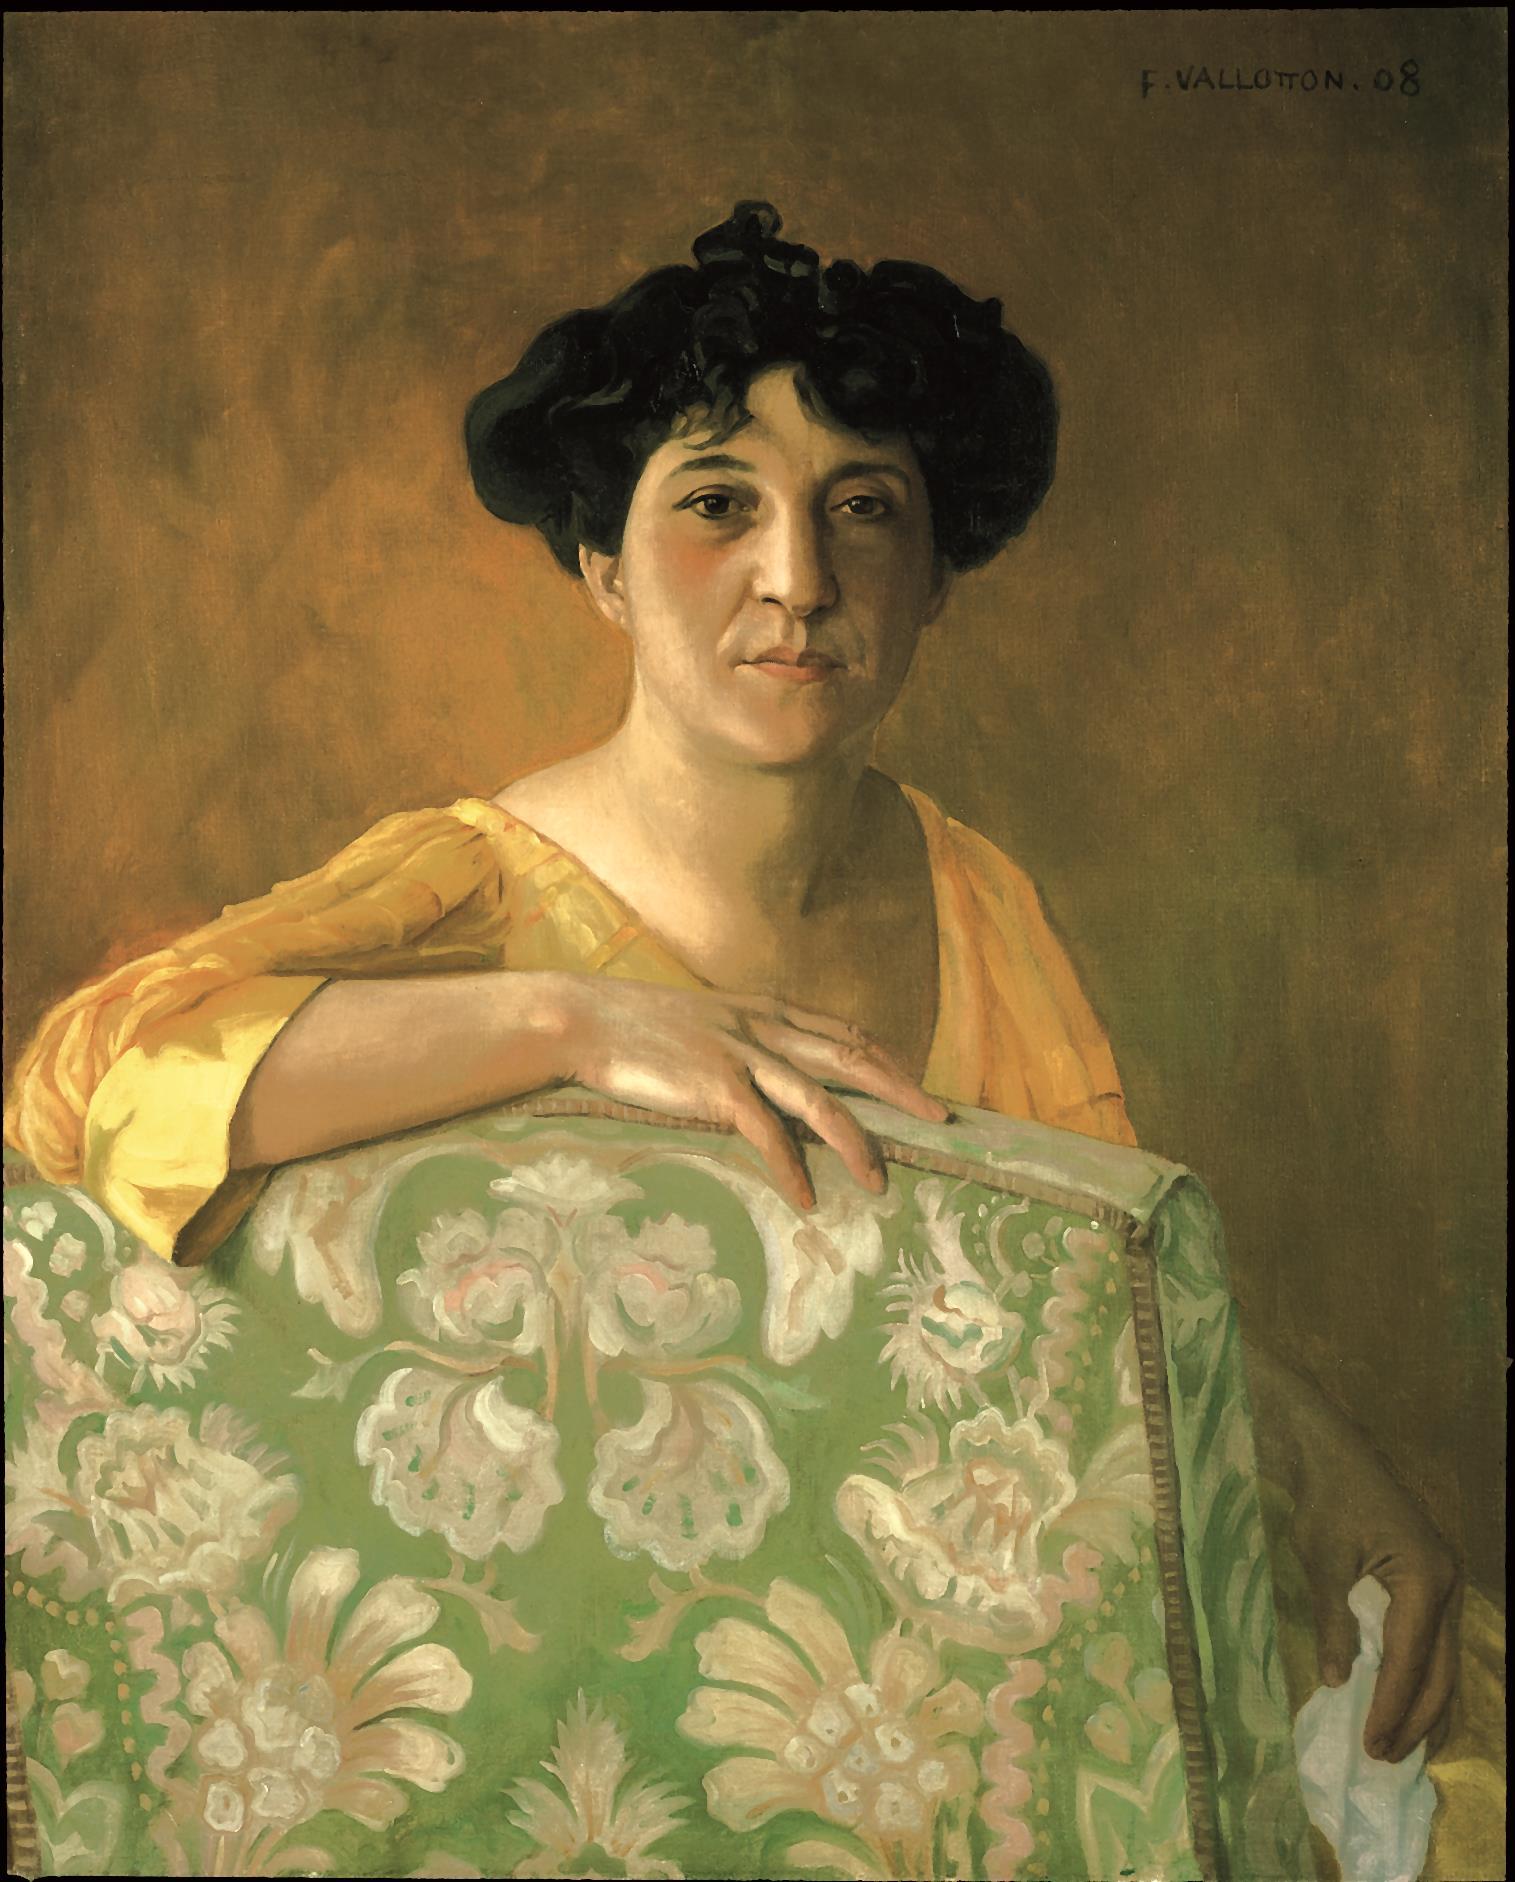 Portrait von Gabrielle Vallotton aus der Sicht ihres Ehemannes Félix Vallotton.